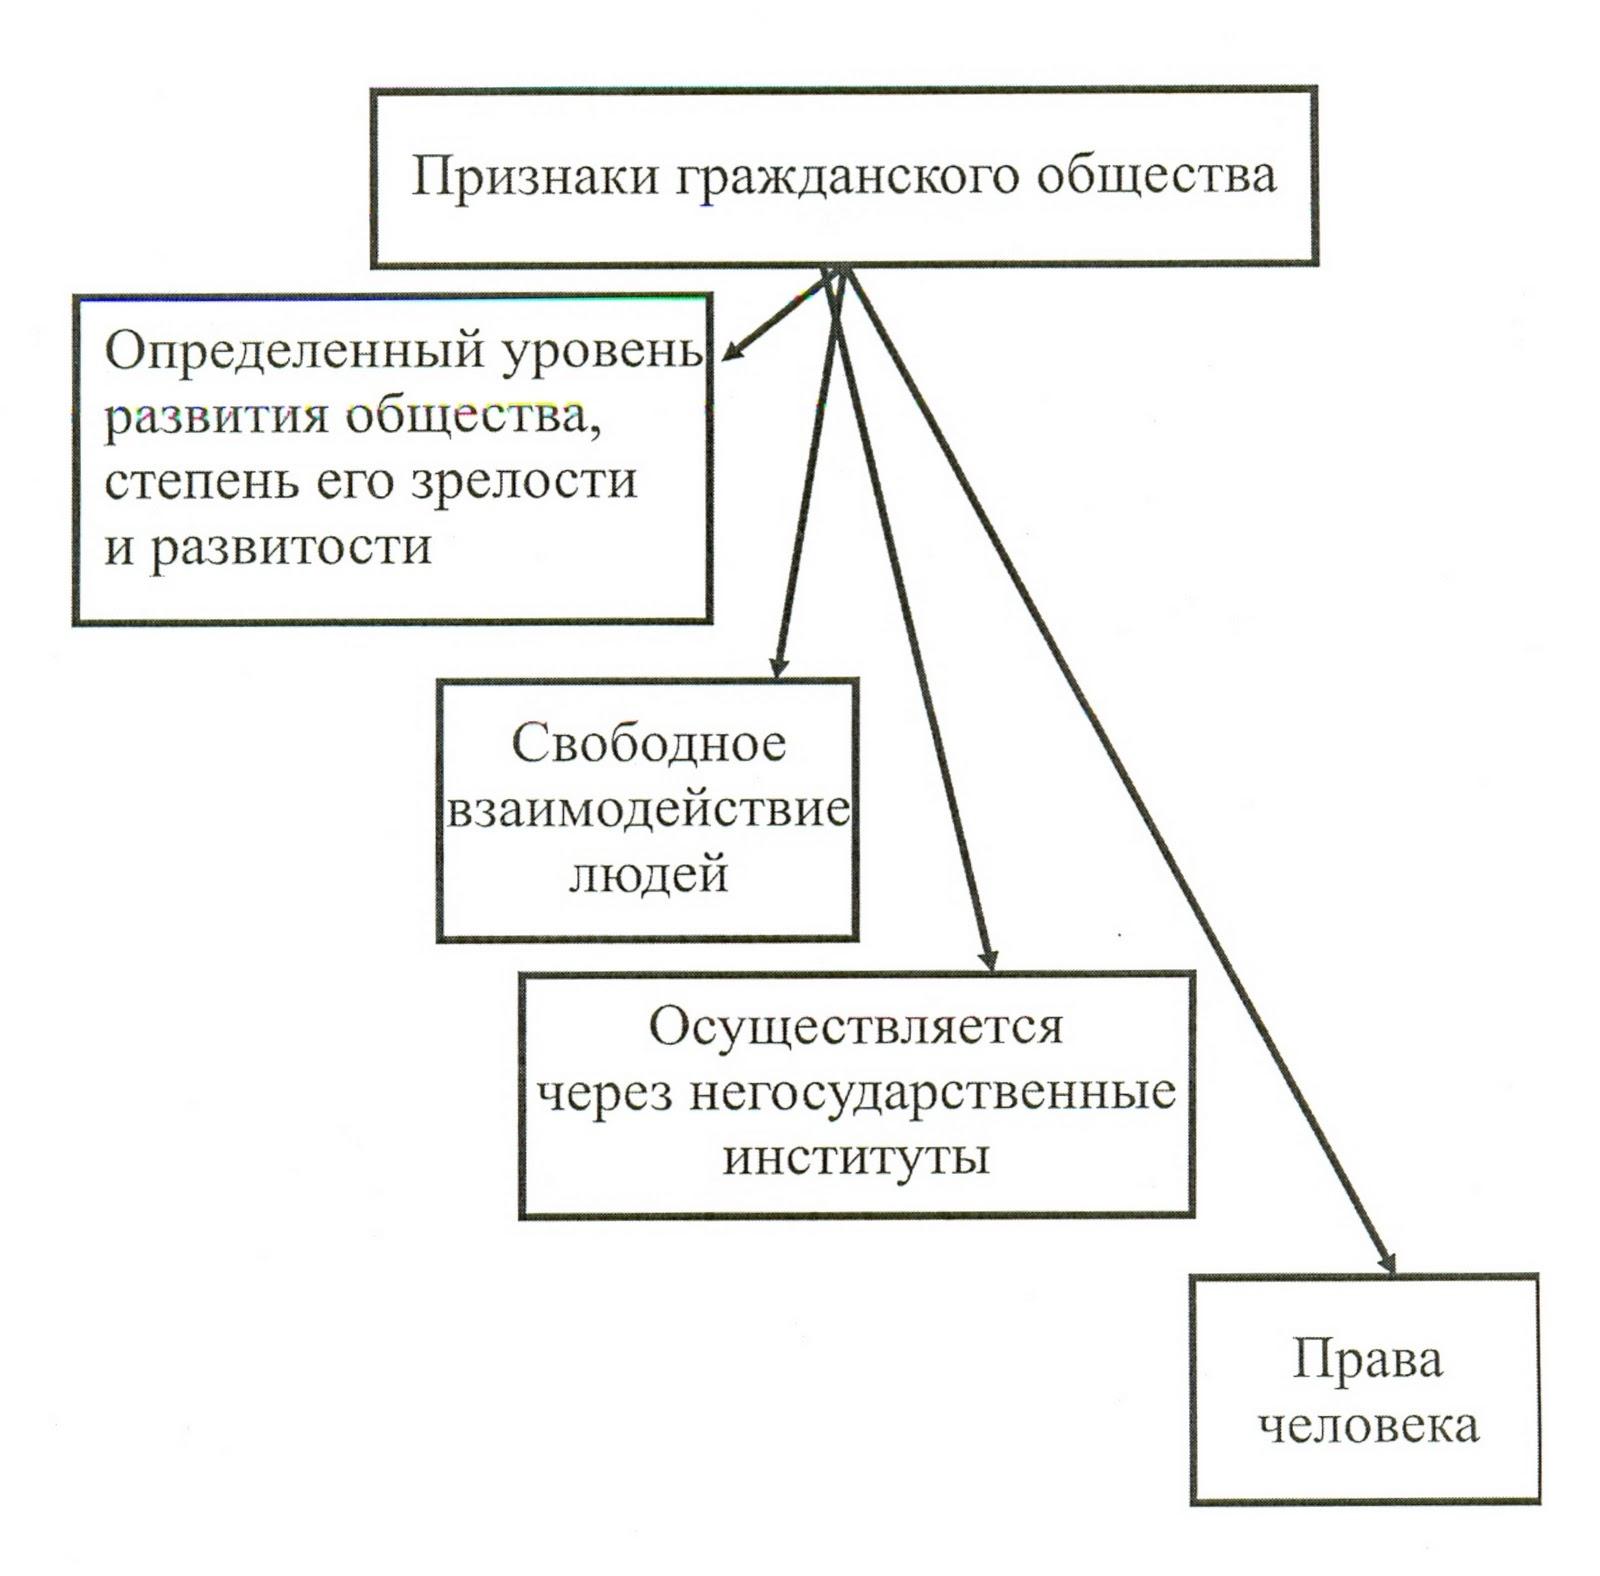 Мои рефераты Государство и гражданин Рисунок 2 Признаки гражданского общества